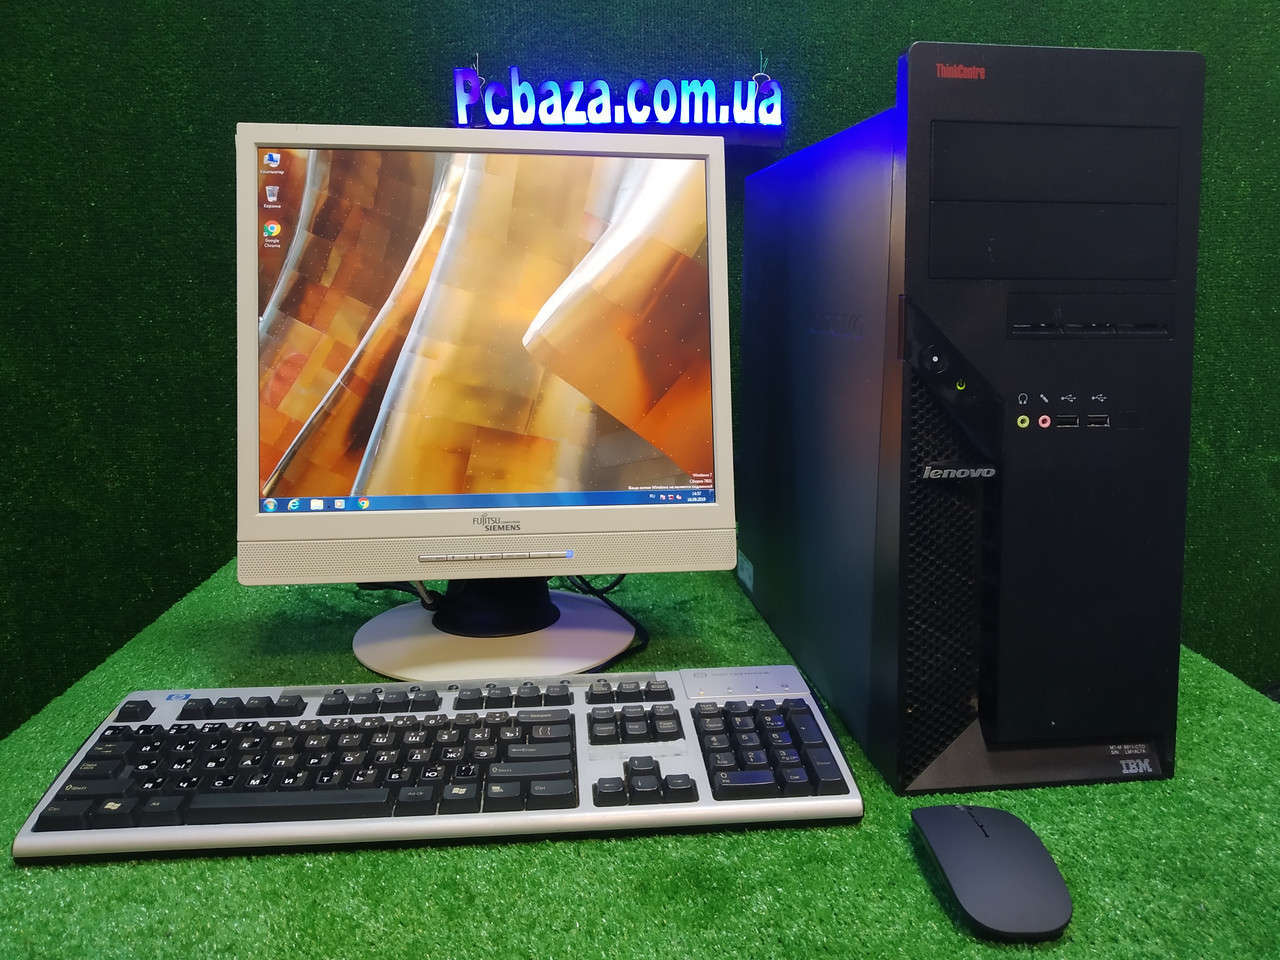 """Комплект Lenovo M55, 4 ядра, 4 ГБ ОЗУ, 500 Гб HDD + монитор 17"""" Fujitsu, Полностью настроен!"""